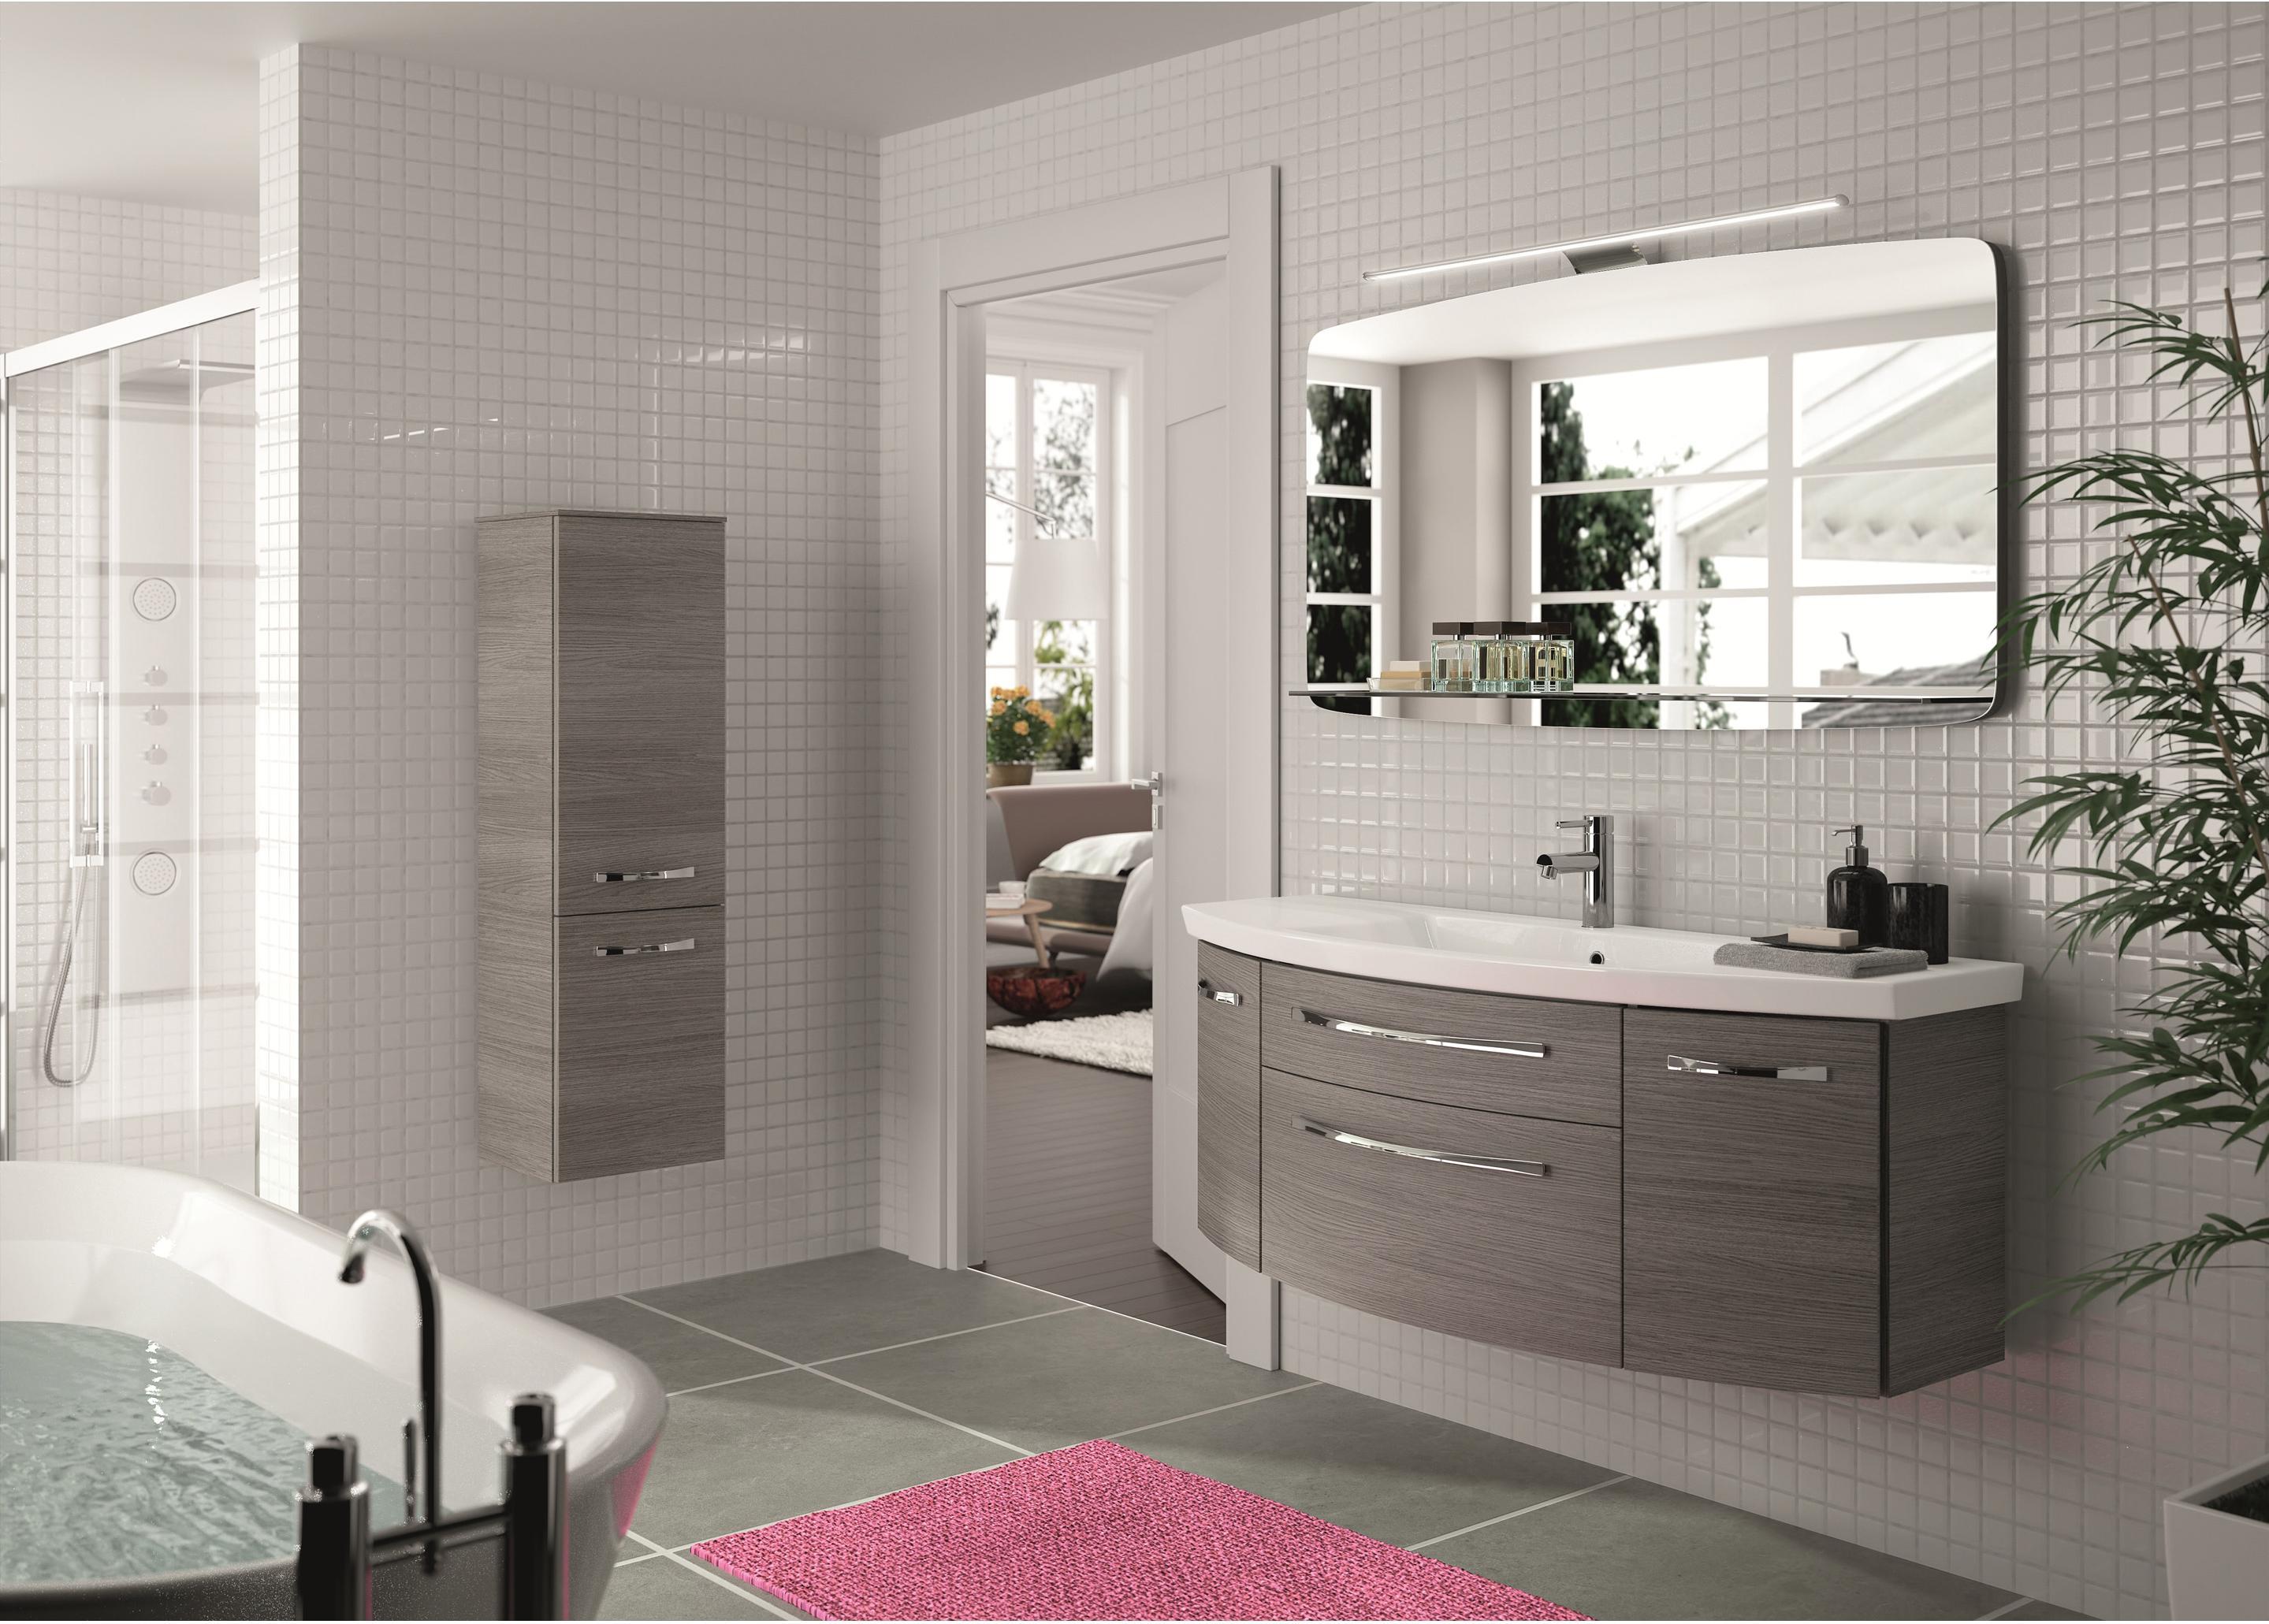 Meuble Simple Vasque L 129 X H 48 2 X P 48 Cm Gris Graphite Image En 2020 Leroymerlin Salle De Bain Meuble Salle De Bain Et Meuble Haut Salle De Bain